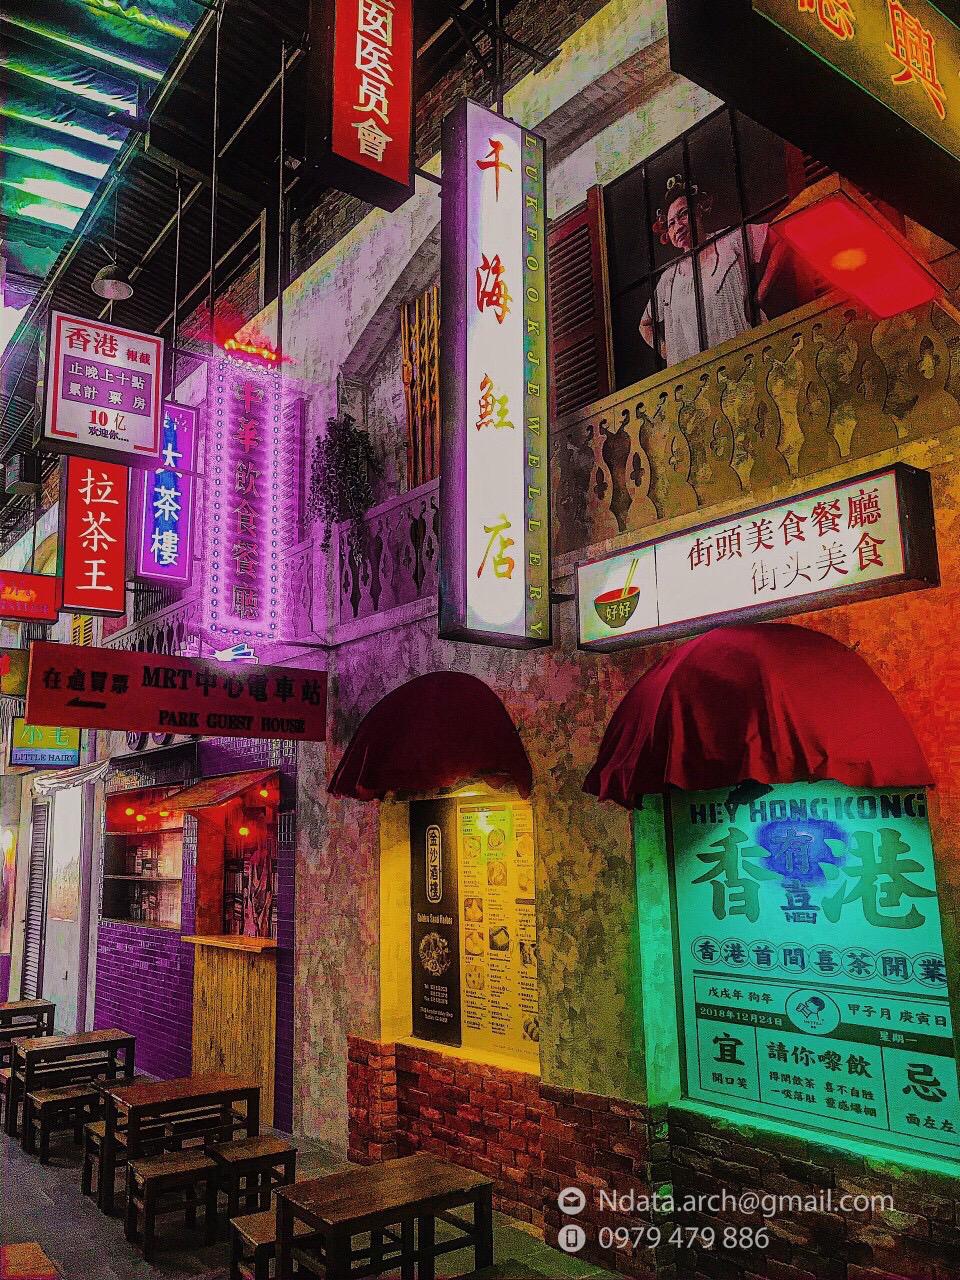 Thiết kế nội thất Cafe tại Khánh Hòa Hẻm phố Hongkong 1580971525 3